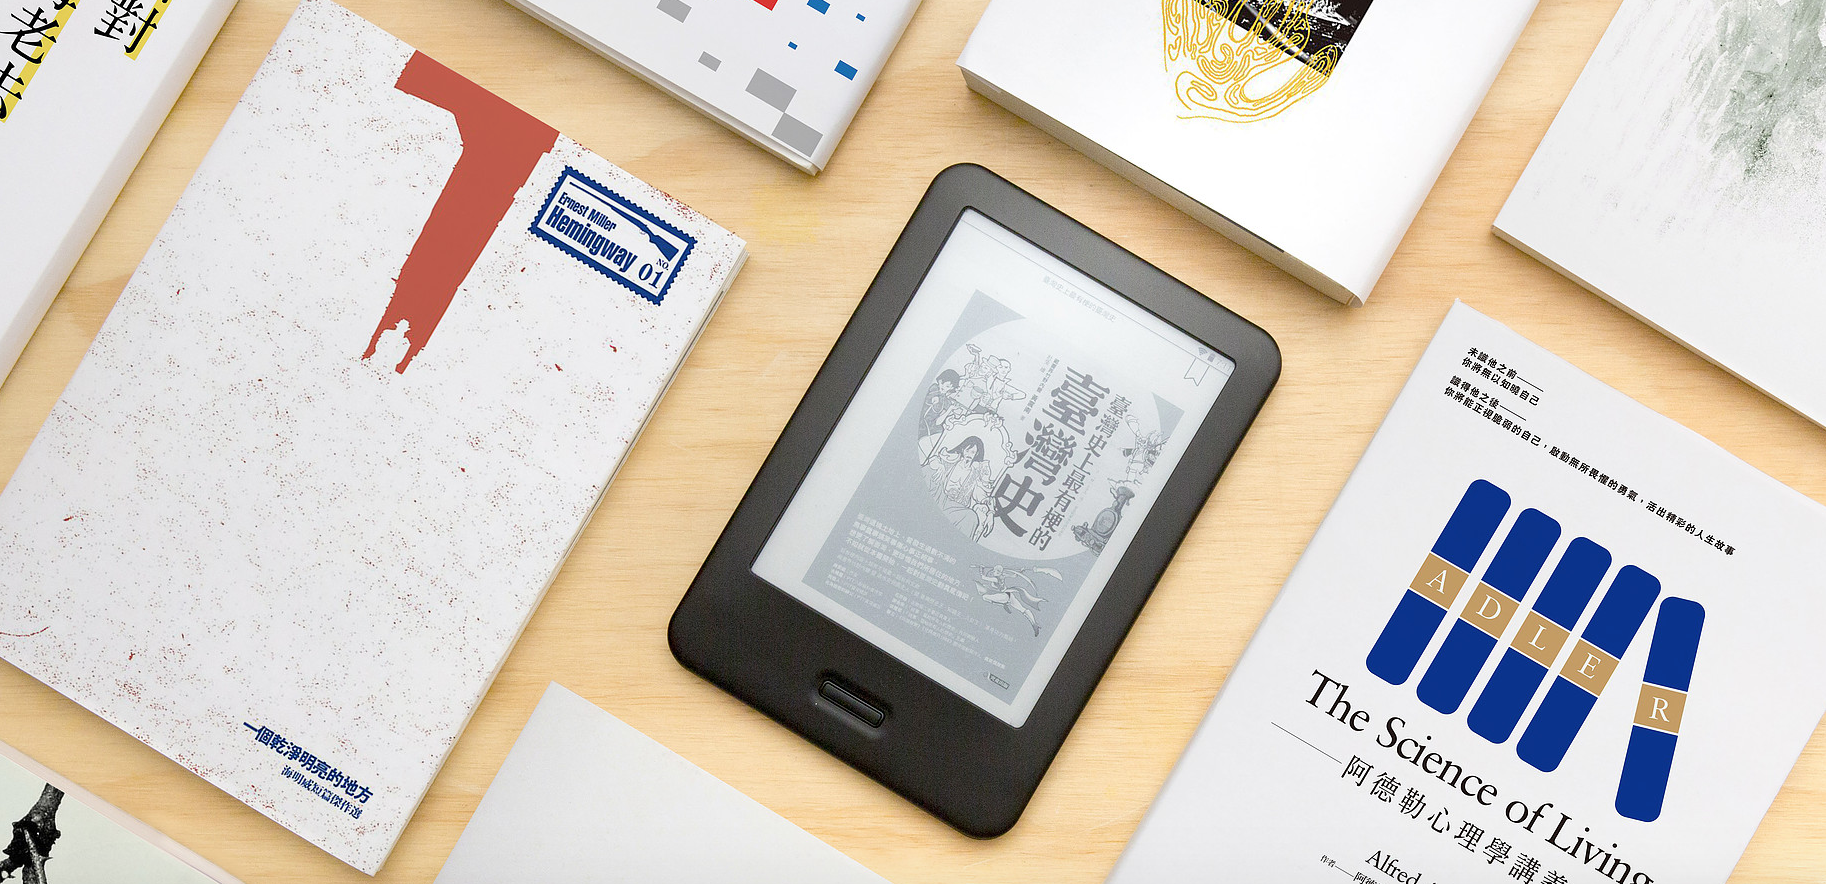 mooInk 電子書閱讀器   專為繁中閱讀而生的行動圖書館